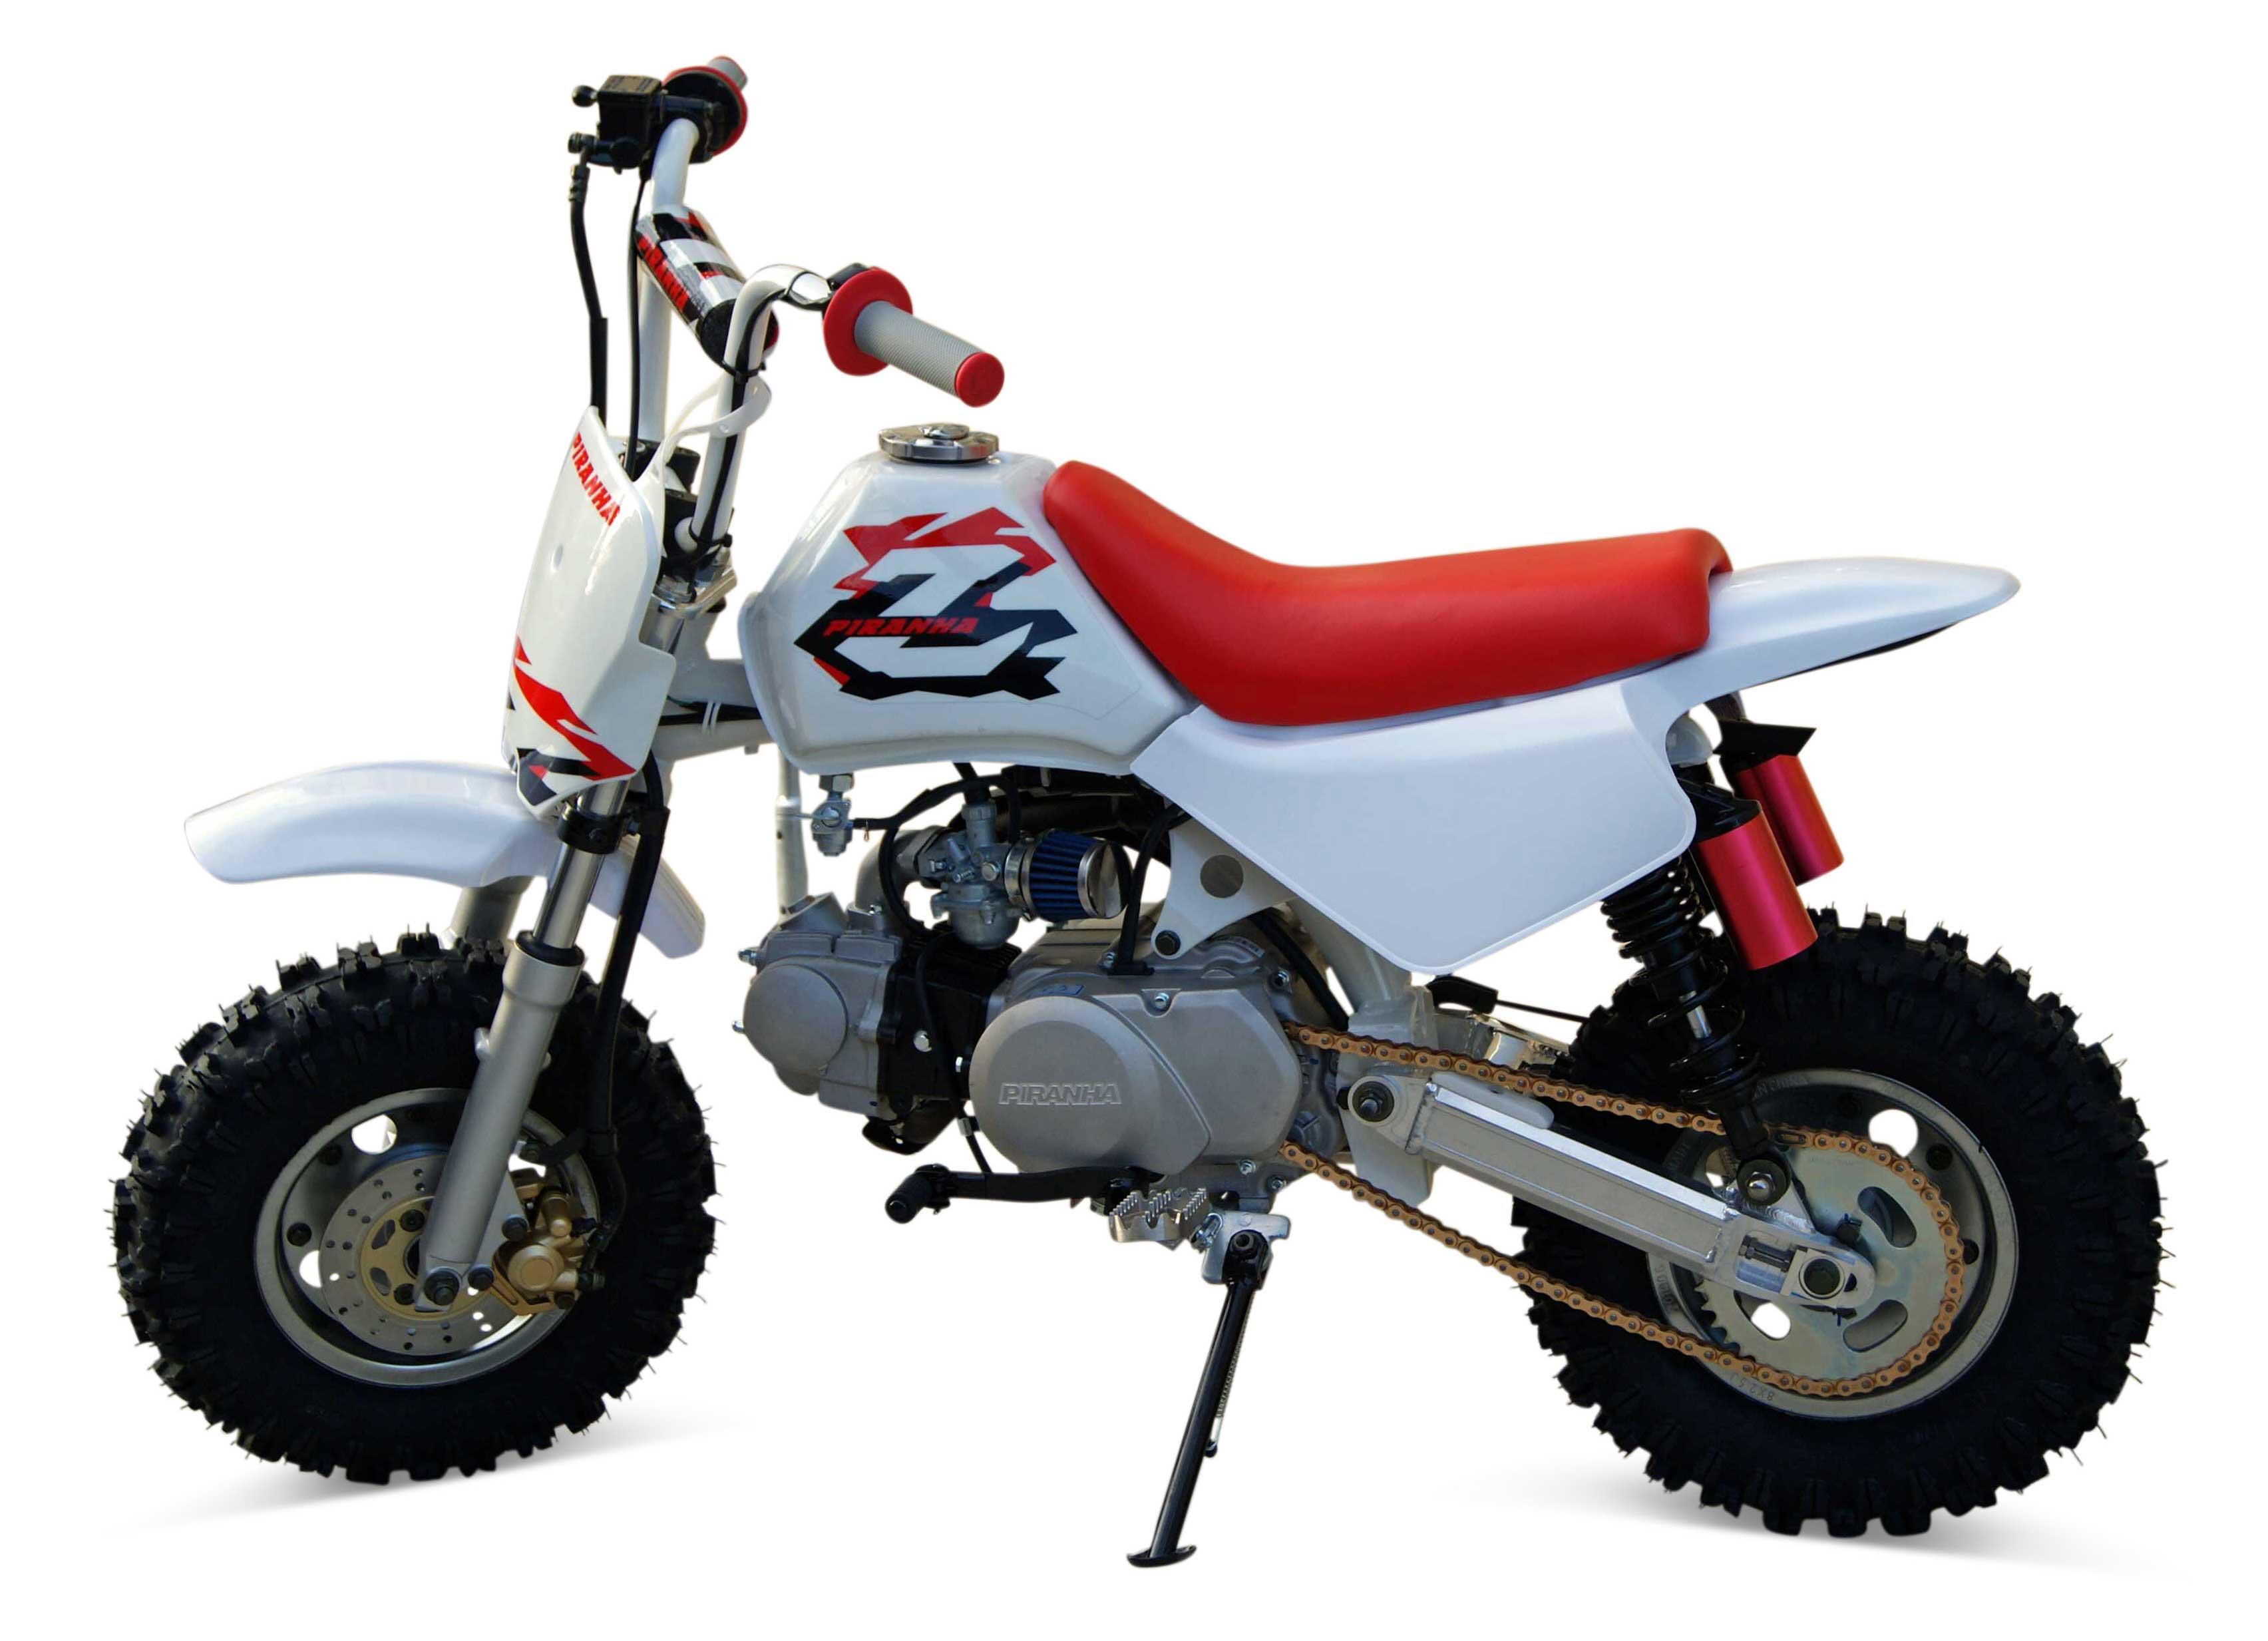 piranha zr pit bike [ 3408 x 2466 Pixel ]